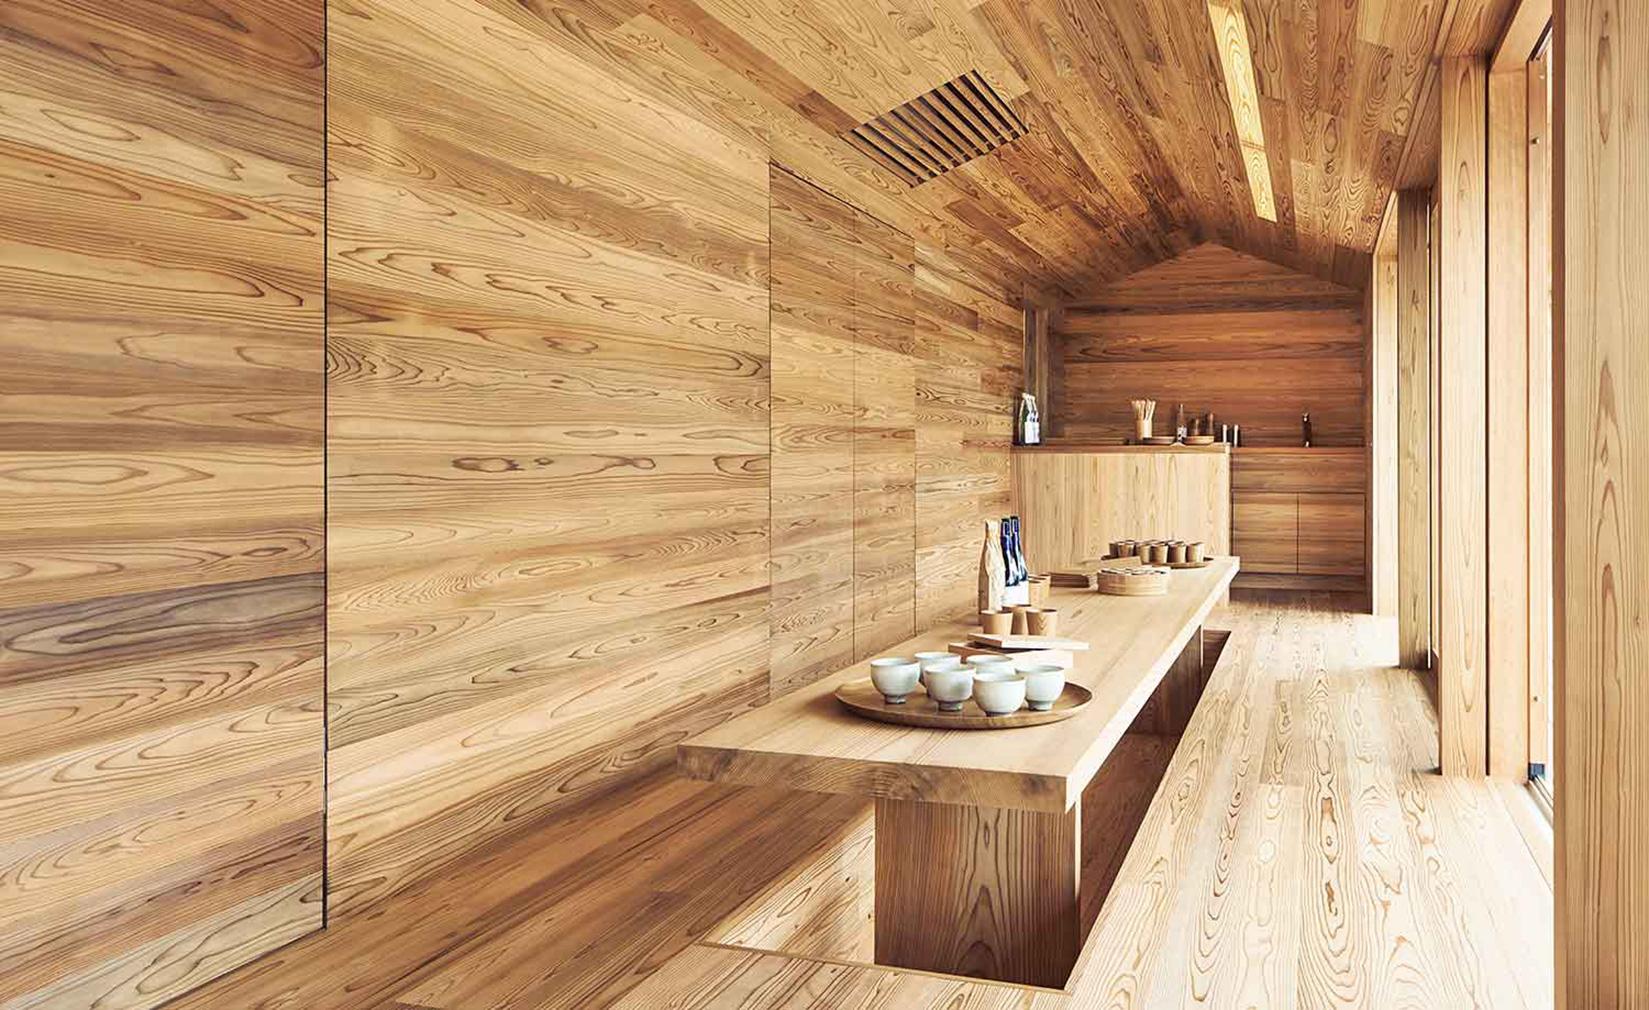 airbnb-se-une-a-comunidade-local-para-erguer-hospedagem-em-cidade-japonesa-05